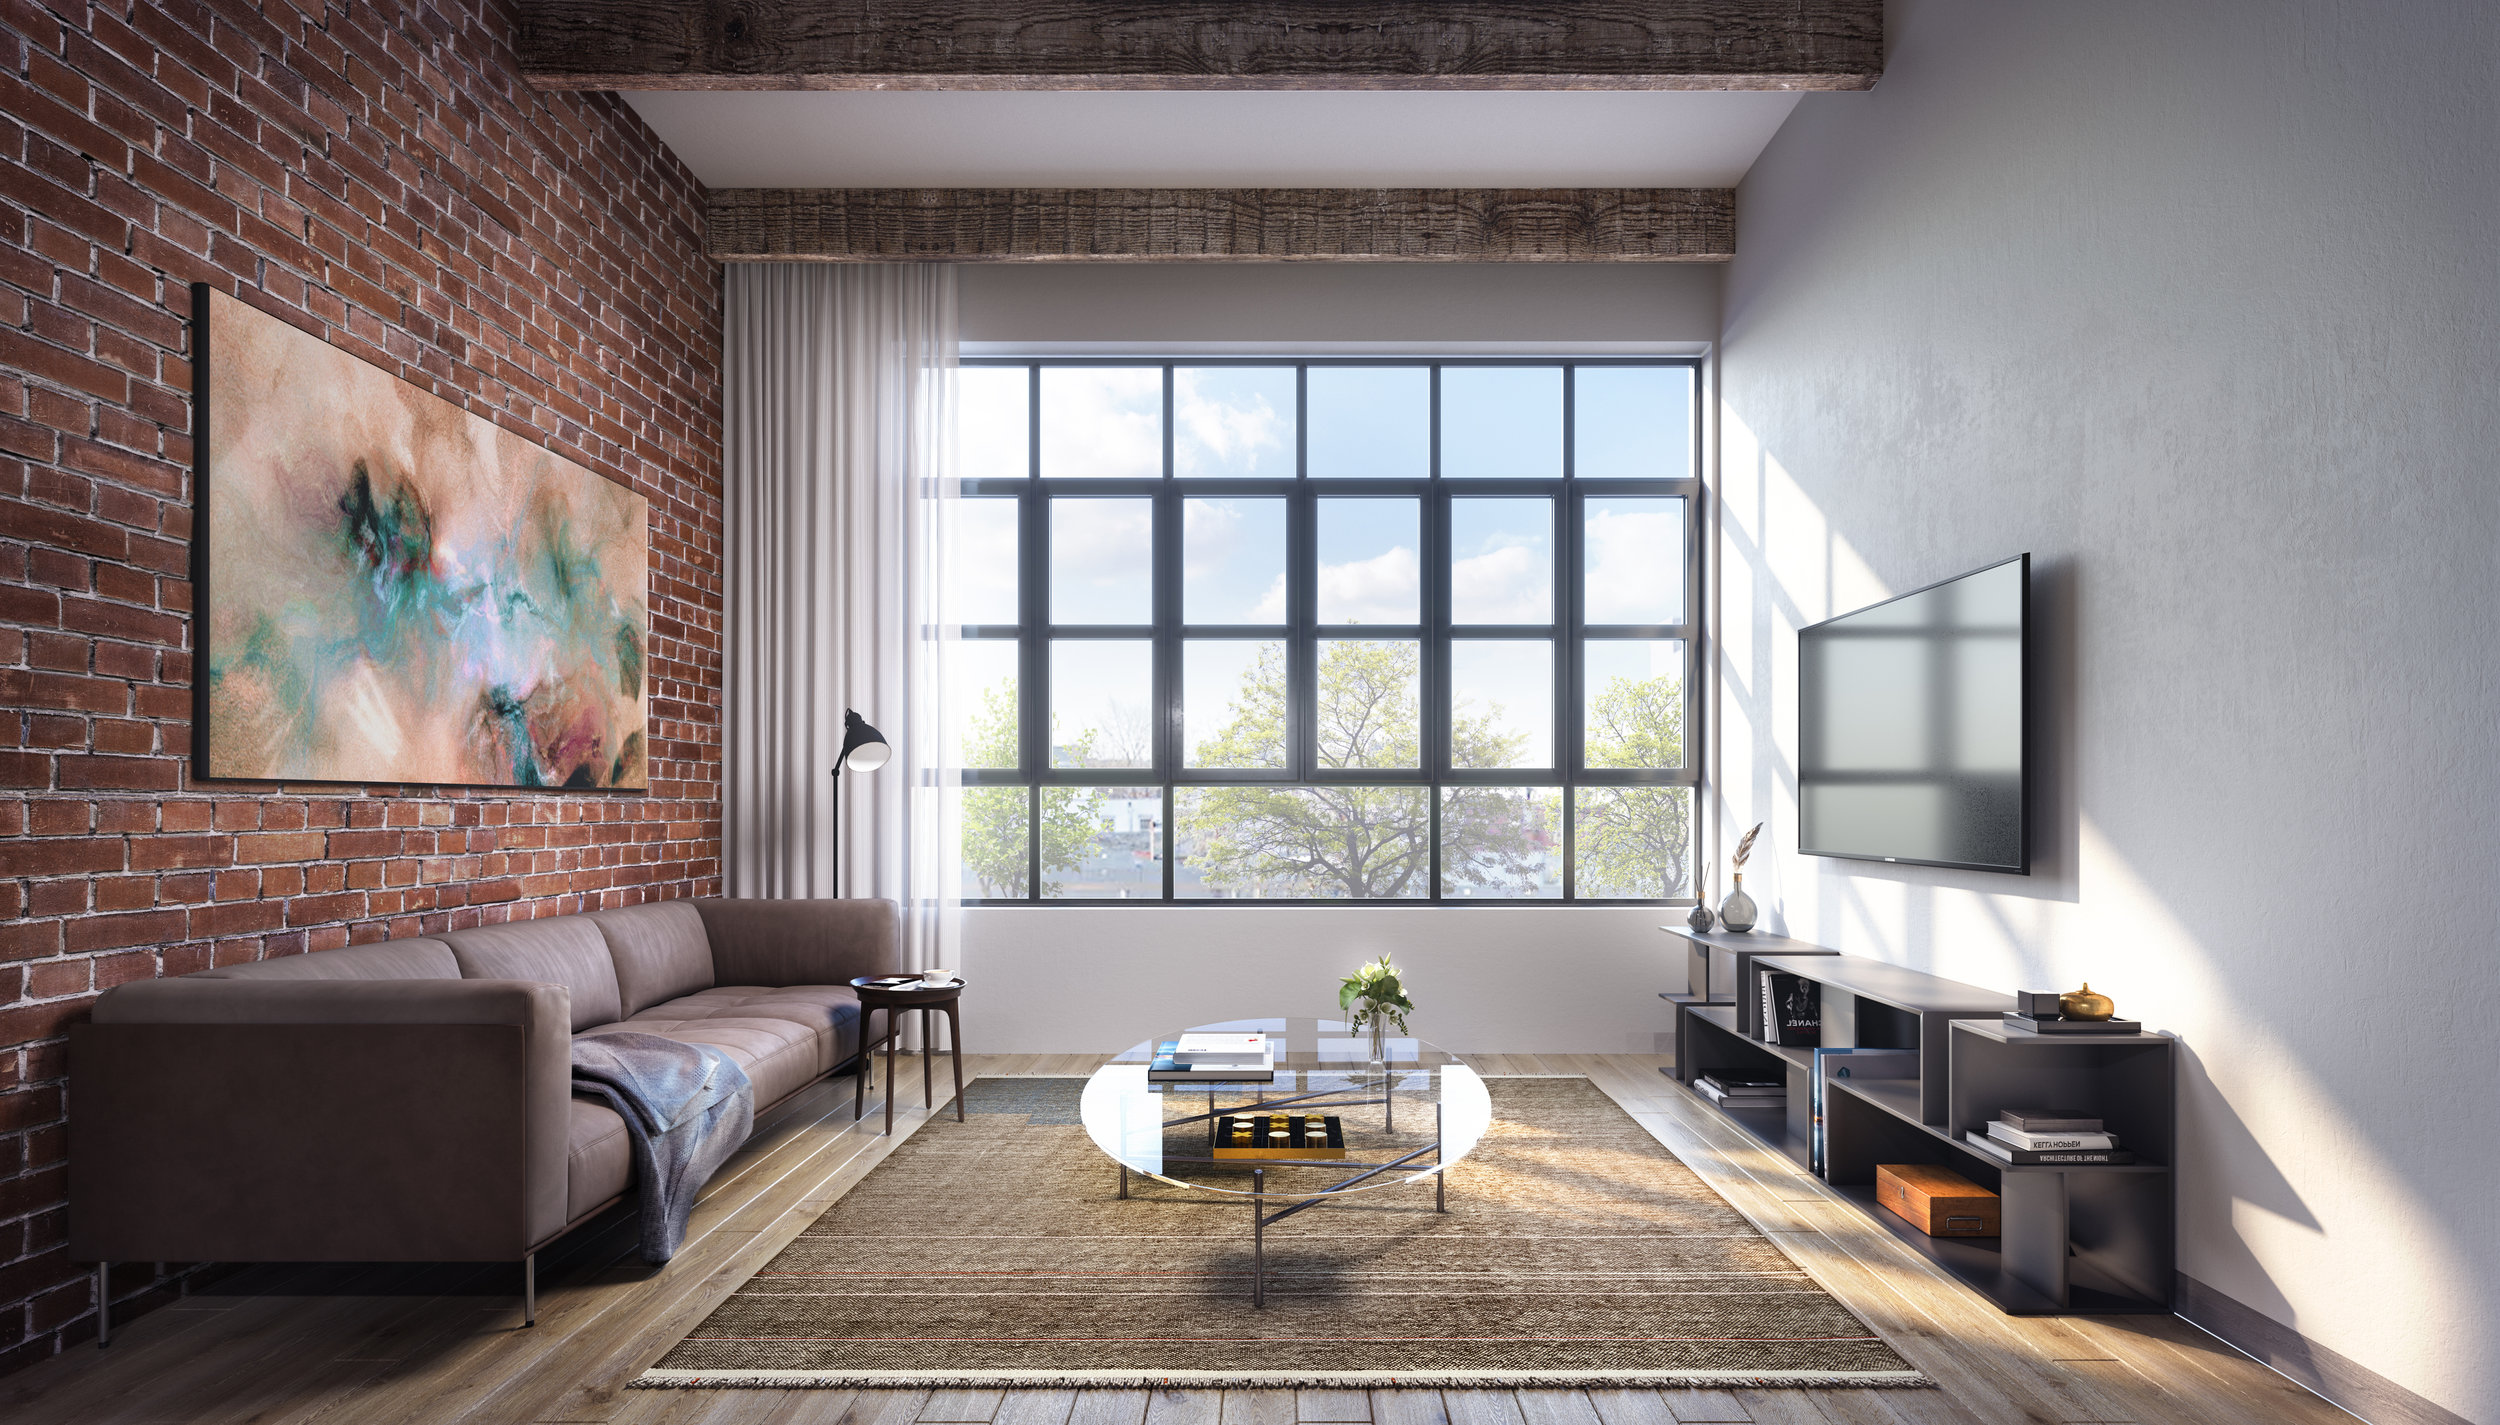 MS-TZB_View 04 livingroom2A2_06.jpg